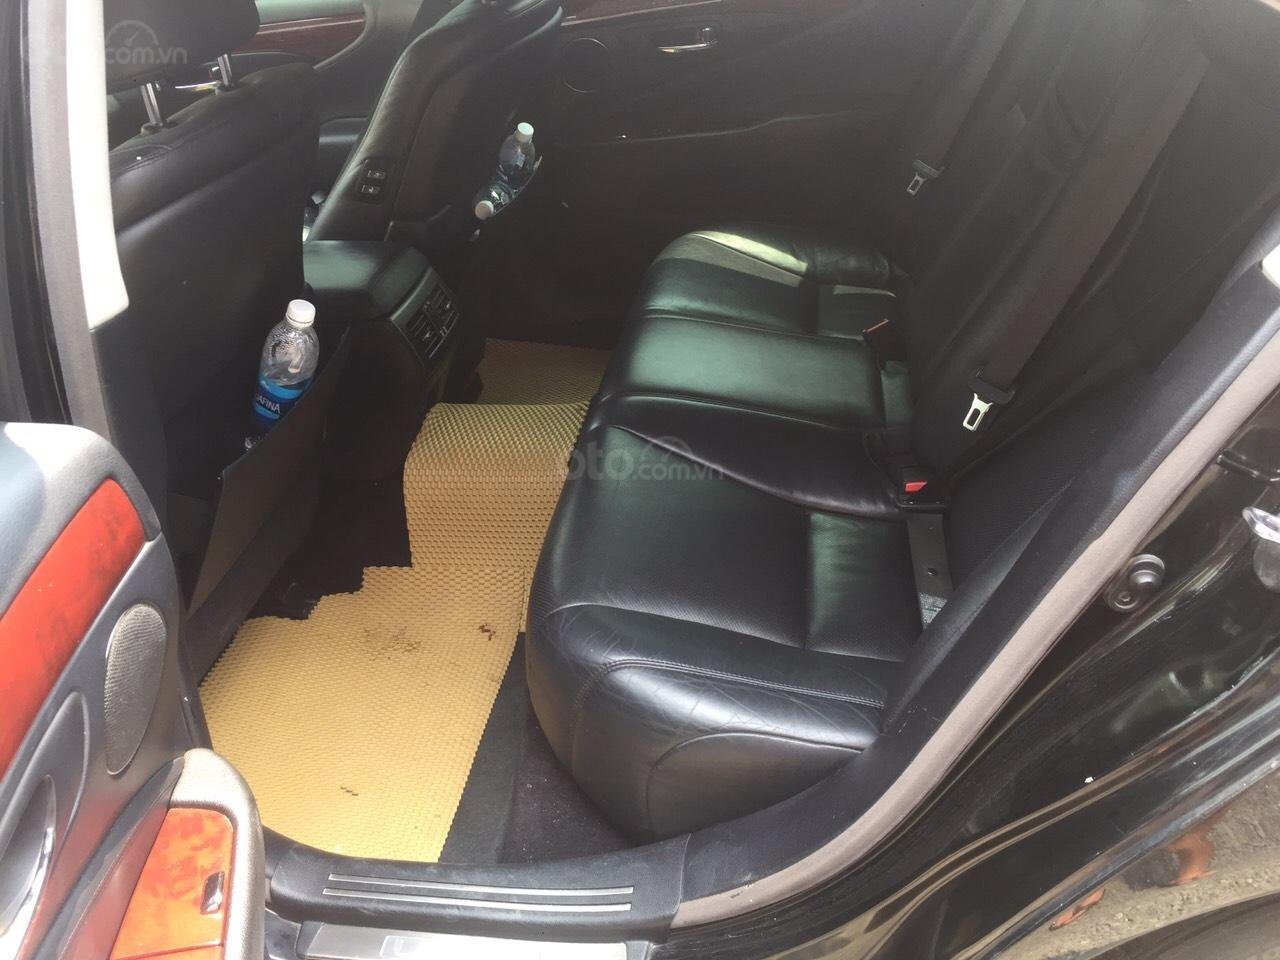 Bán ô tô Lexus LS460 đời 2010, màu đen, nhập khẩu nguyên chiếc, giá chỉ 400 triệu (6)